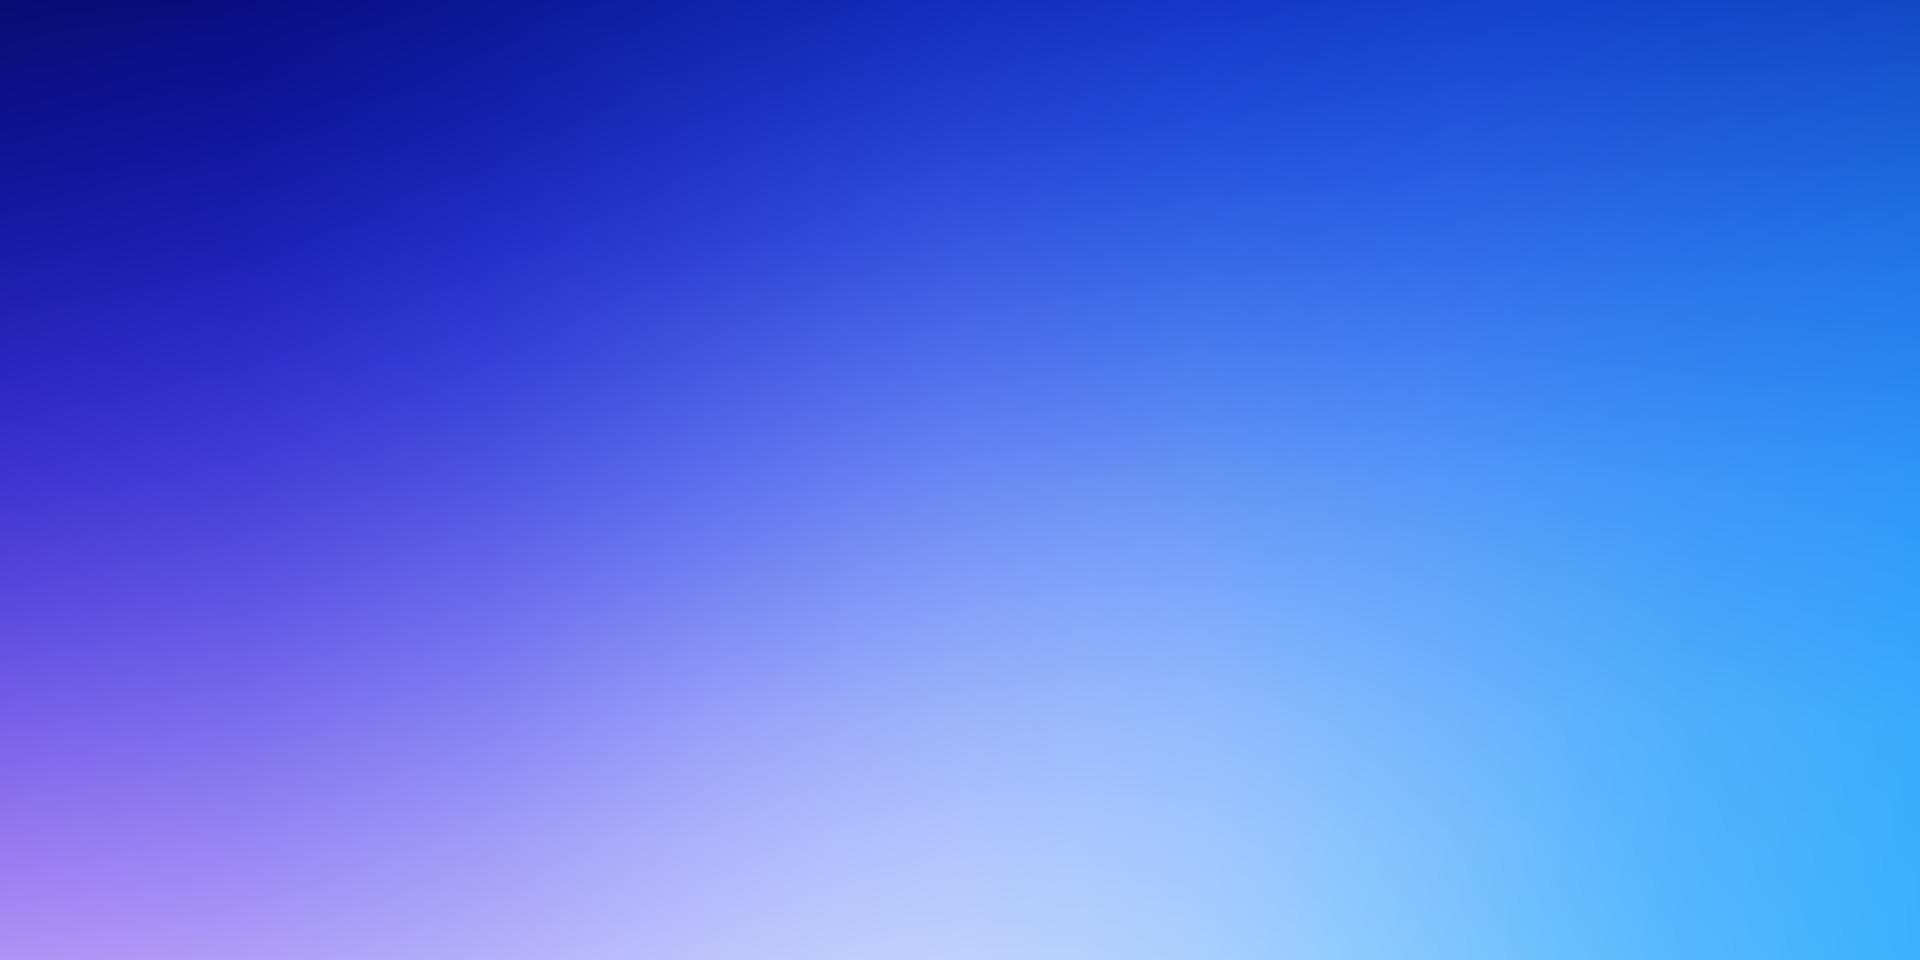 modelo borrado de vetor rosa claro, azul.